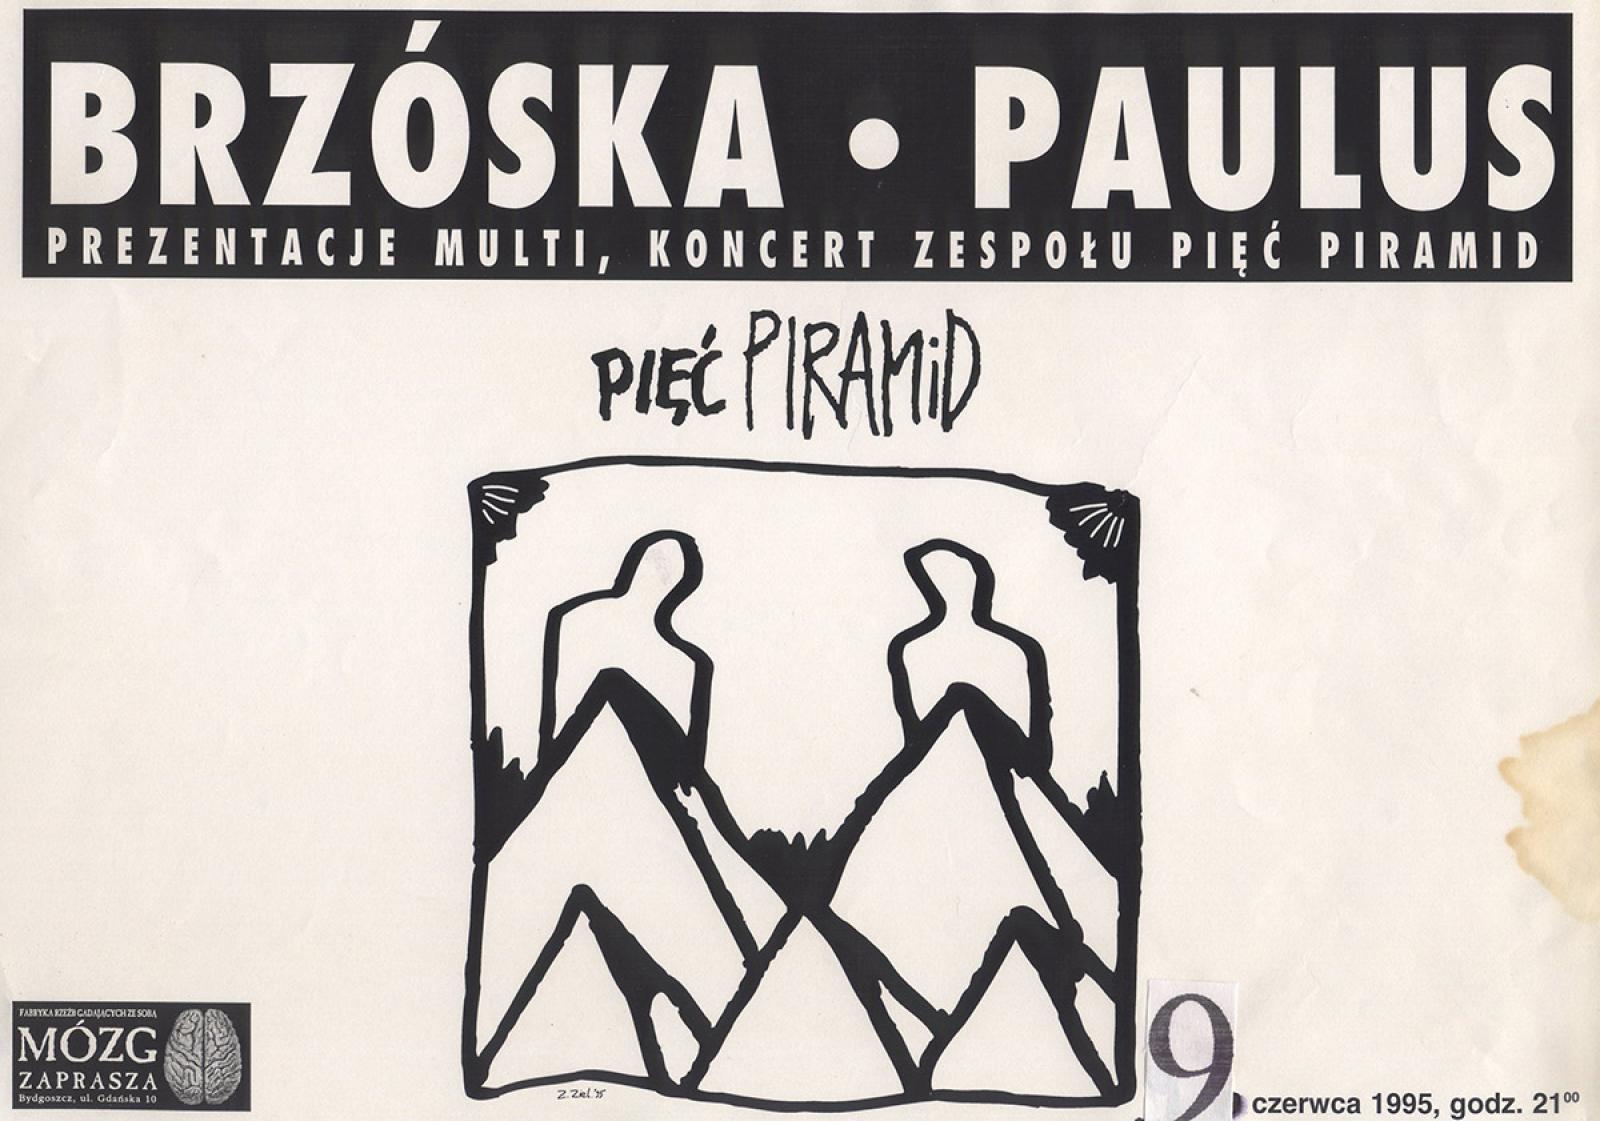 Pięć piramid: Brzóska & Paulus (Darek Brzóska Brzóskiewicz, Paweł Paulus Mazur)